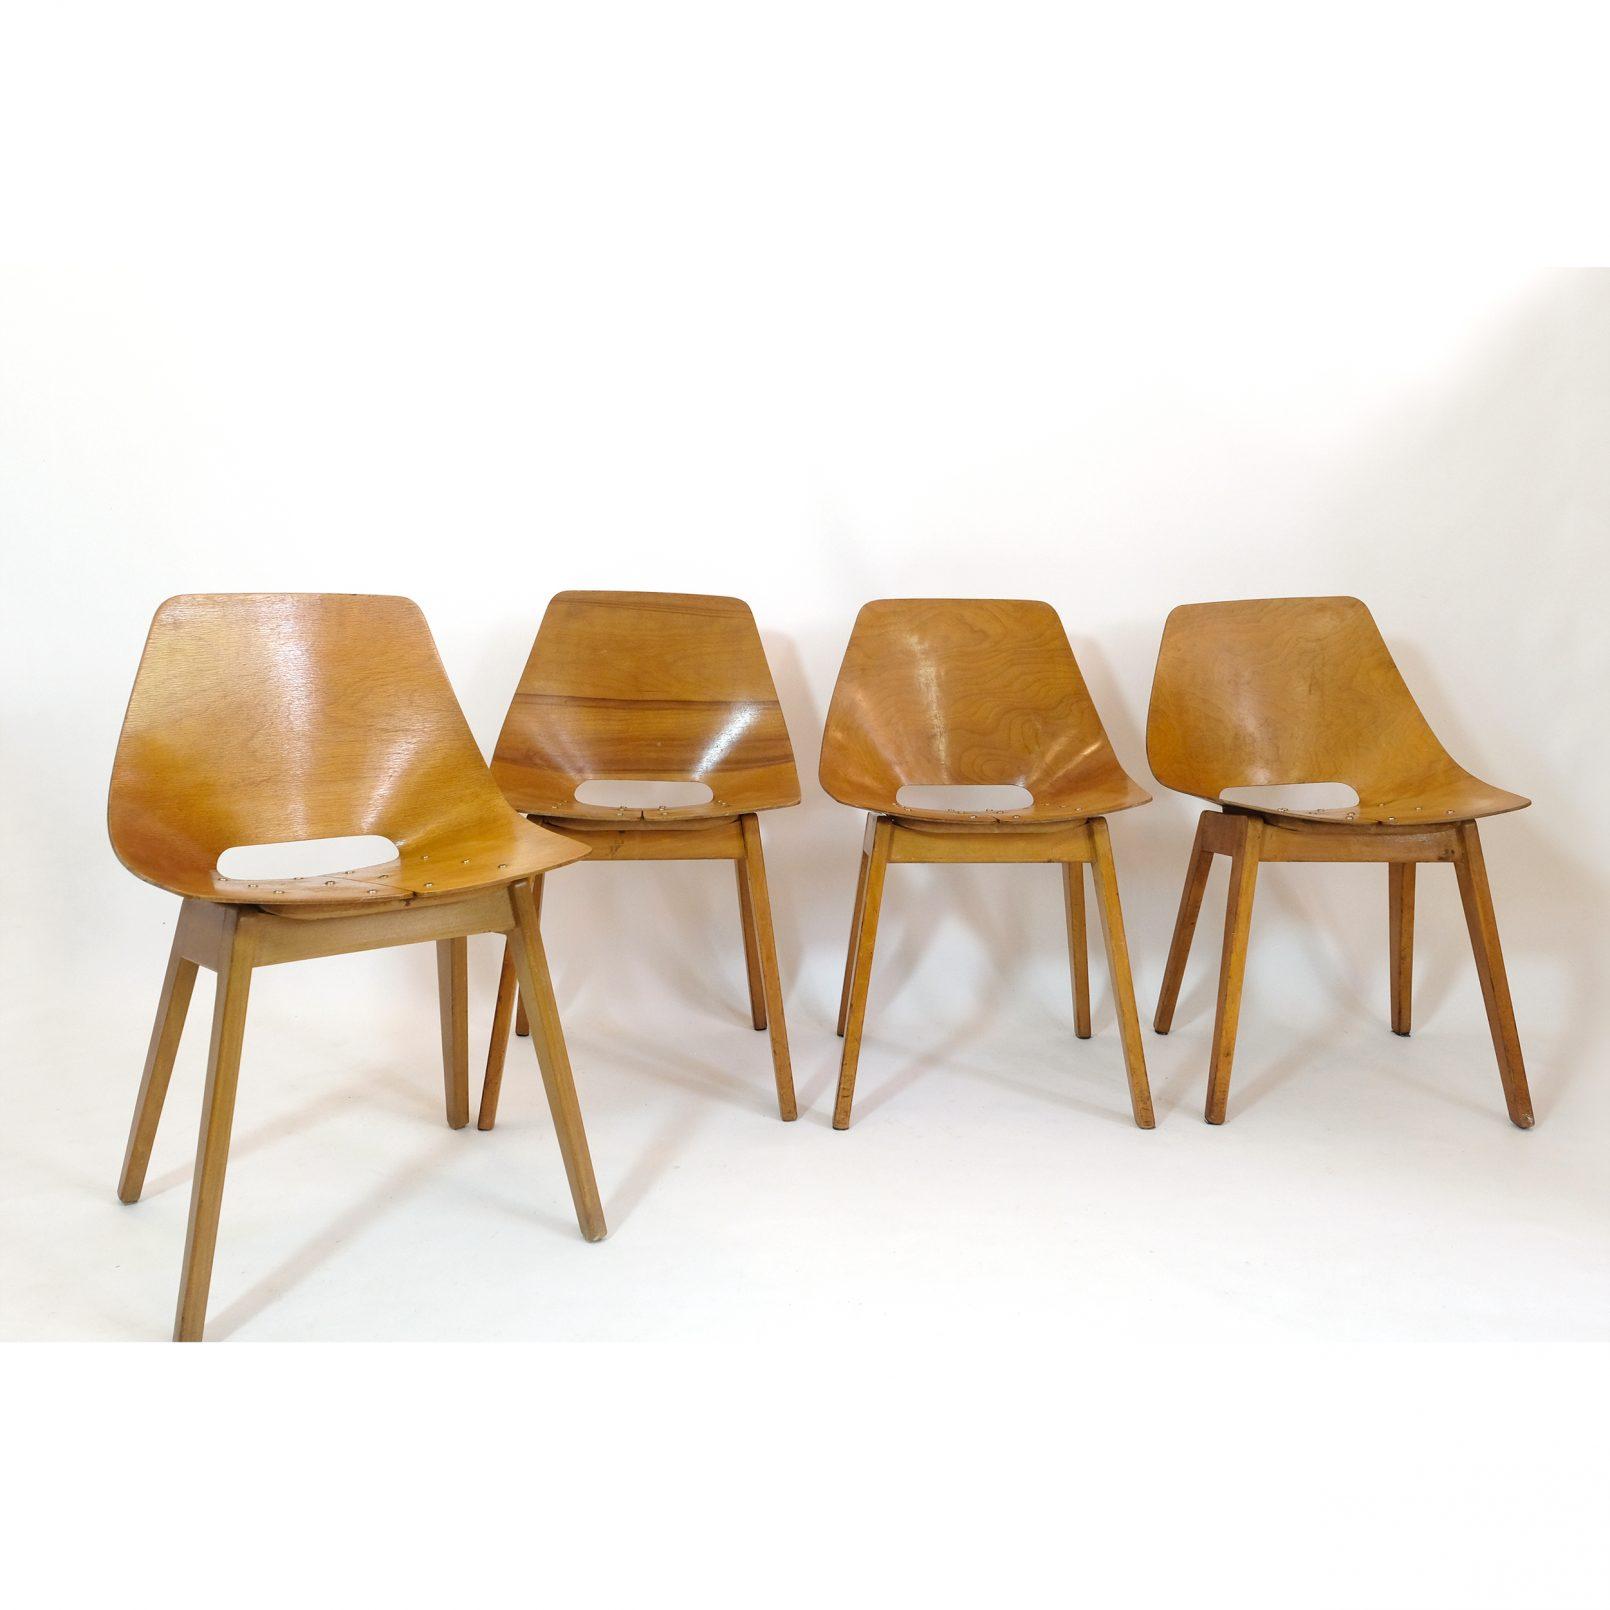 Pierre Guariche, série de 4 chaises tonneau, piétement bois, Steiner, 1950s.